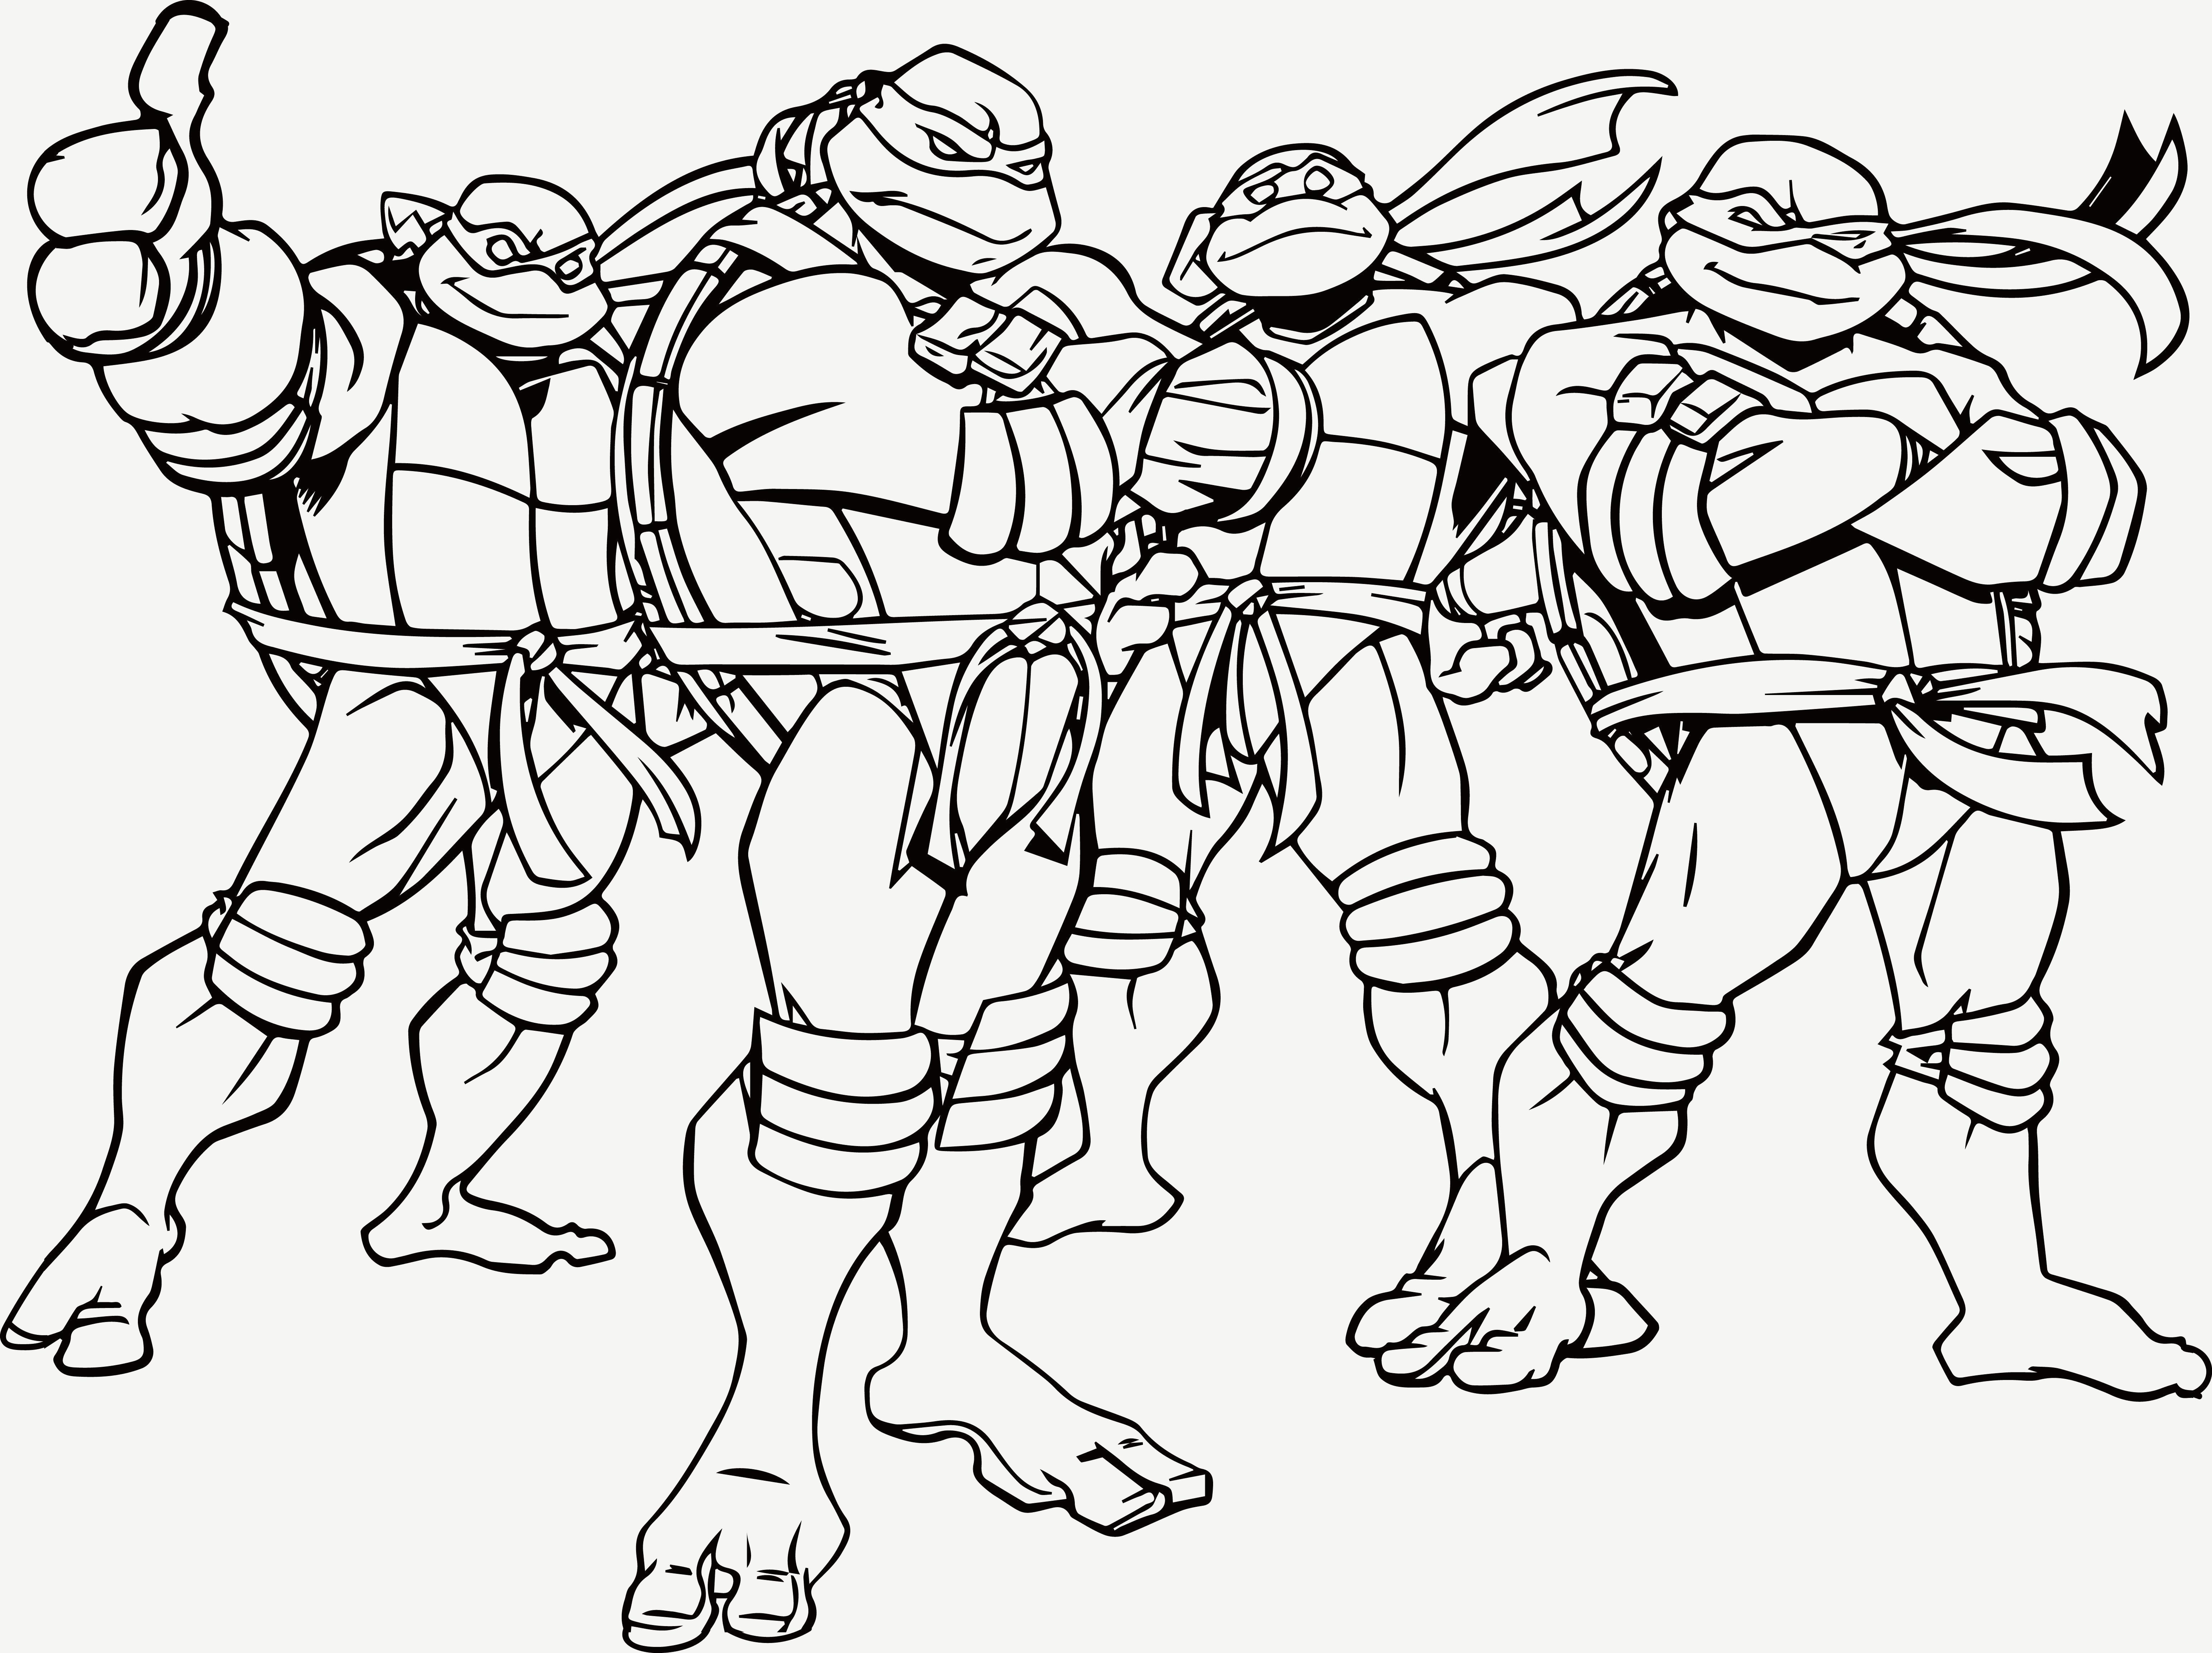 ninja turtles coloring pages printable get this teenage mutant ninja turtles coloring pages free pages coloring turtles printable ninja